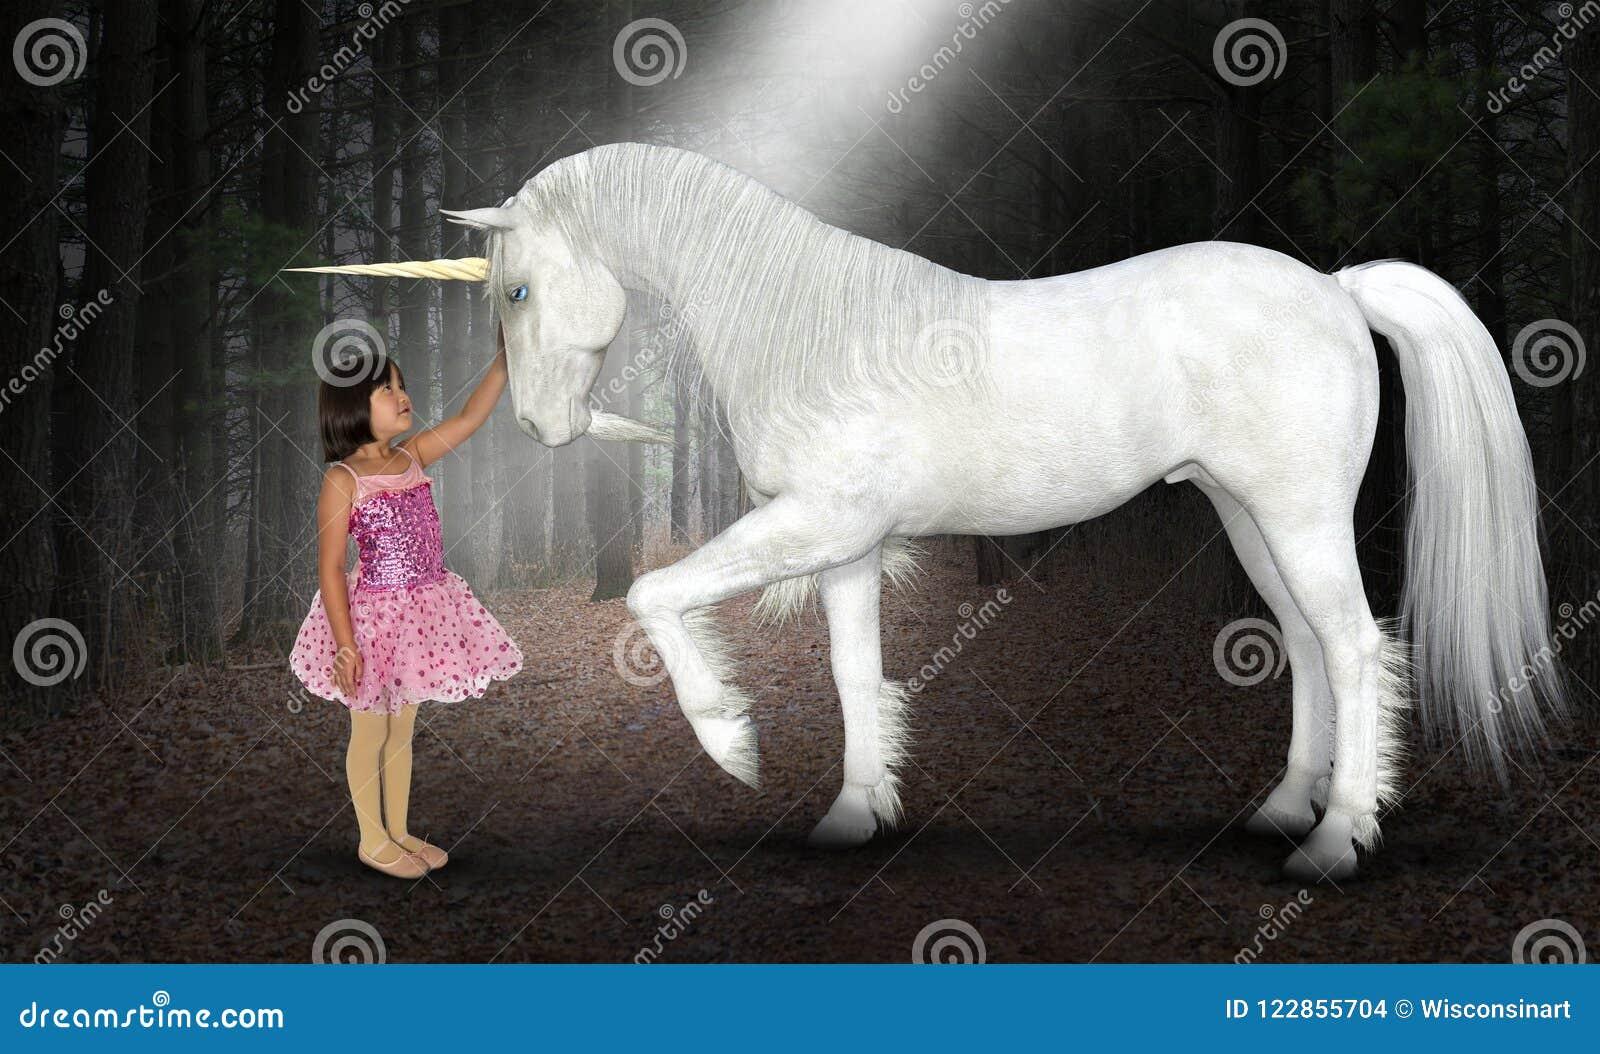 Ragazza, pace, speranza, amore, natura, unicorno, legno